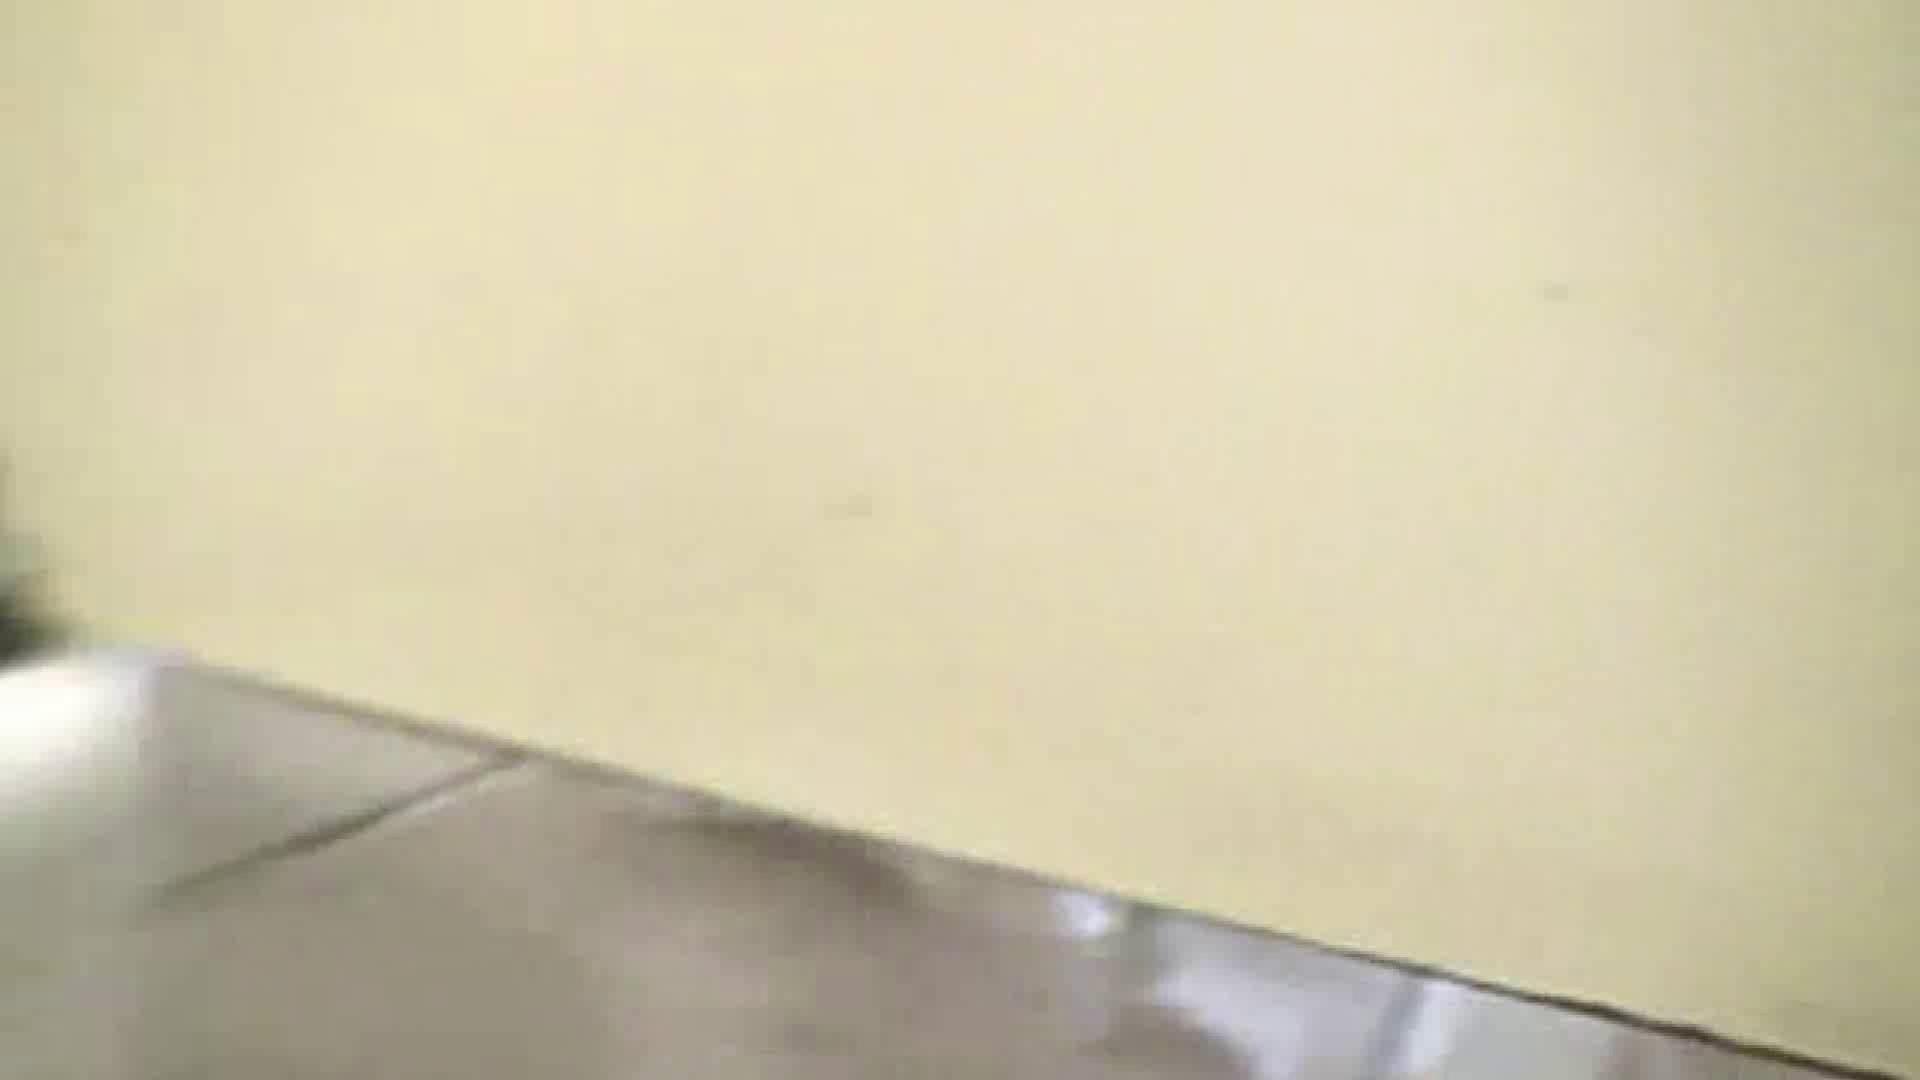 ロックハンドさんの盗撮記録File.42 オマンコギャル おめこ無修正動画無料 113連発 100